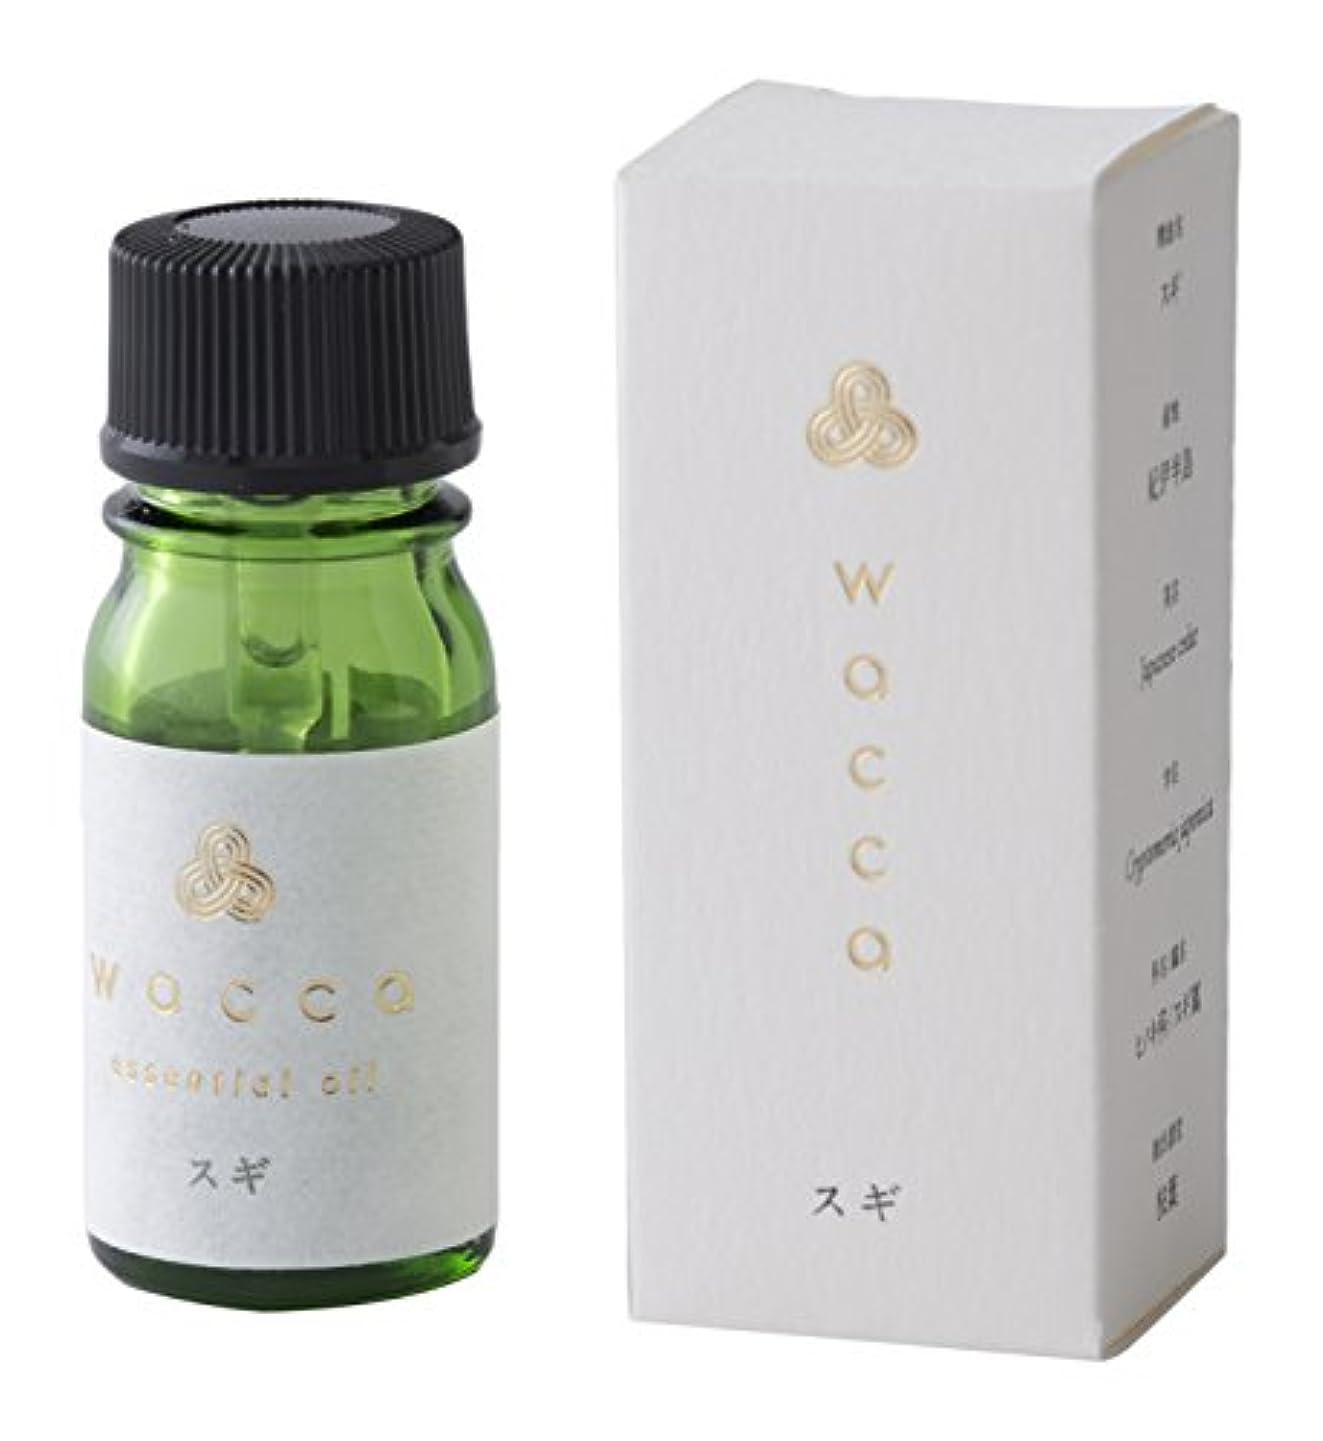 スキーム強調記憶wacca ワッカ エッセンシャルオイル 5ml 杉 スギ Japanese cedar essential oil 和精油 KUSU HANDMADE